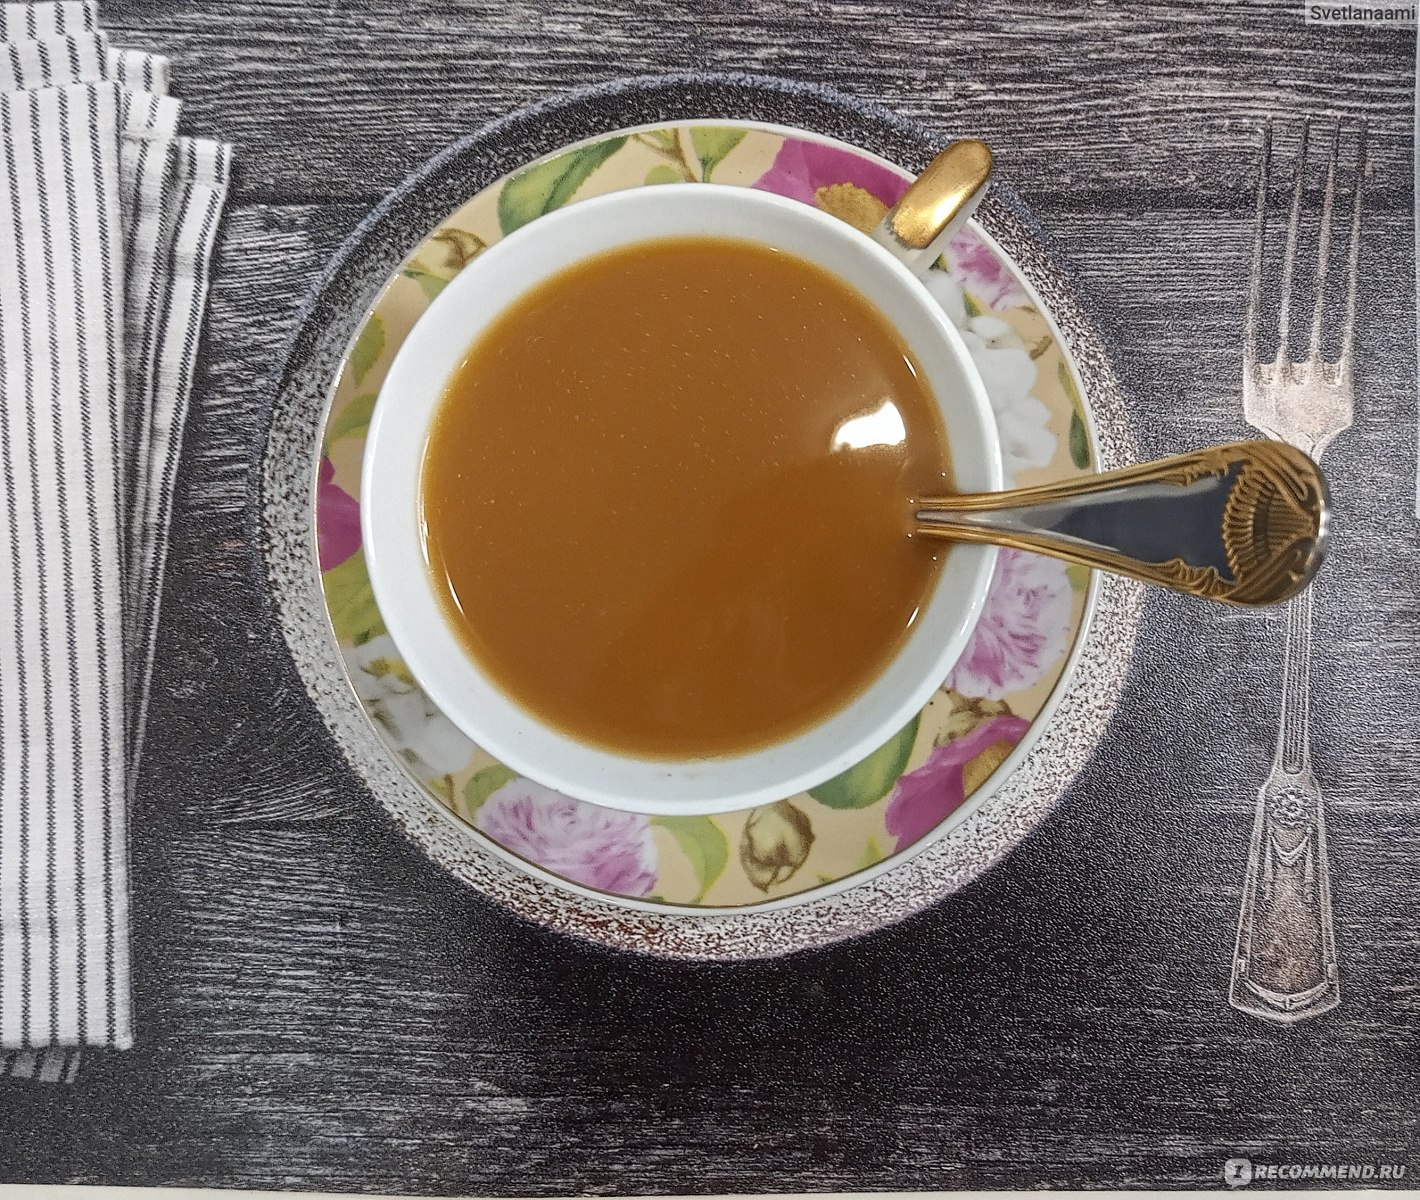 Кофе с кокосовым маслом: хорошая ли это идея?